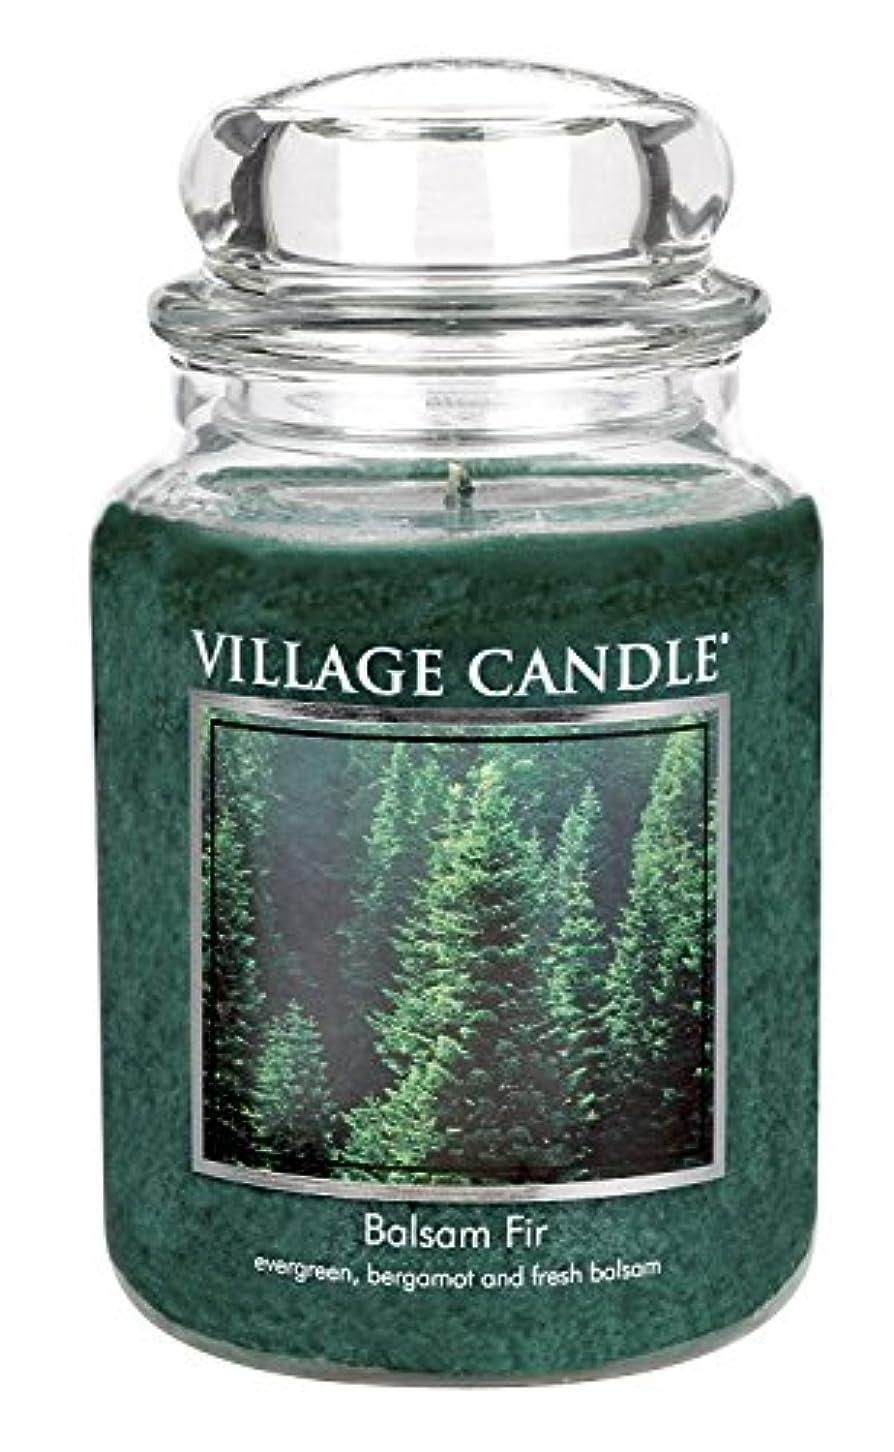 妥協センチメートル経由でVillage Candle Balsam Fir 26 oz Glass Jar Scented Candle, Large [並行輸入品]